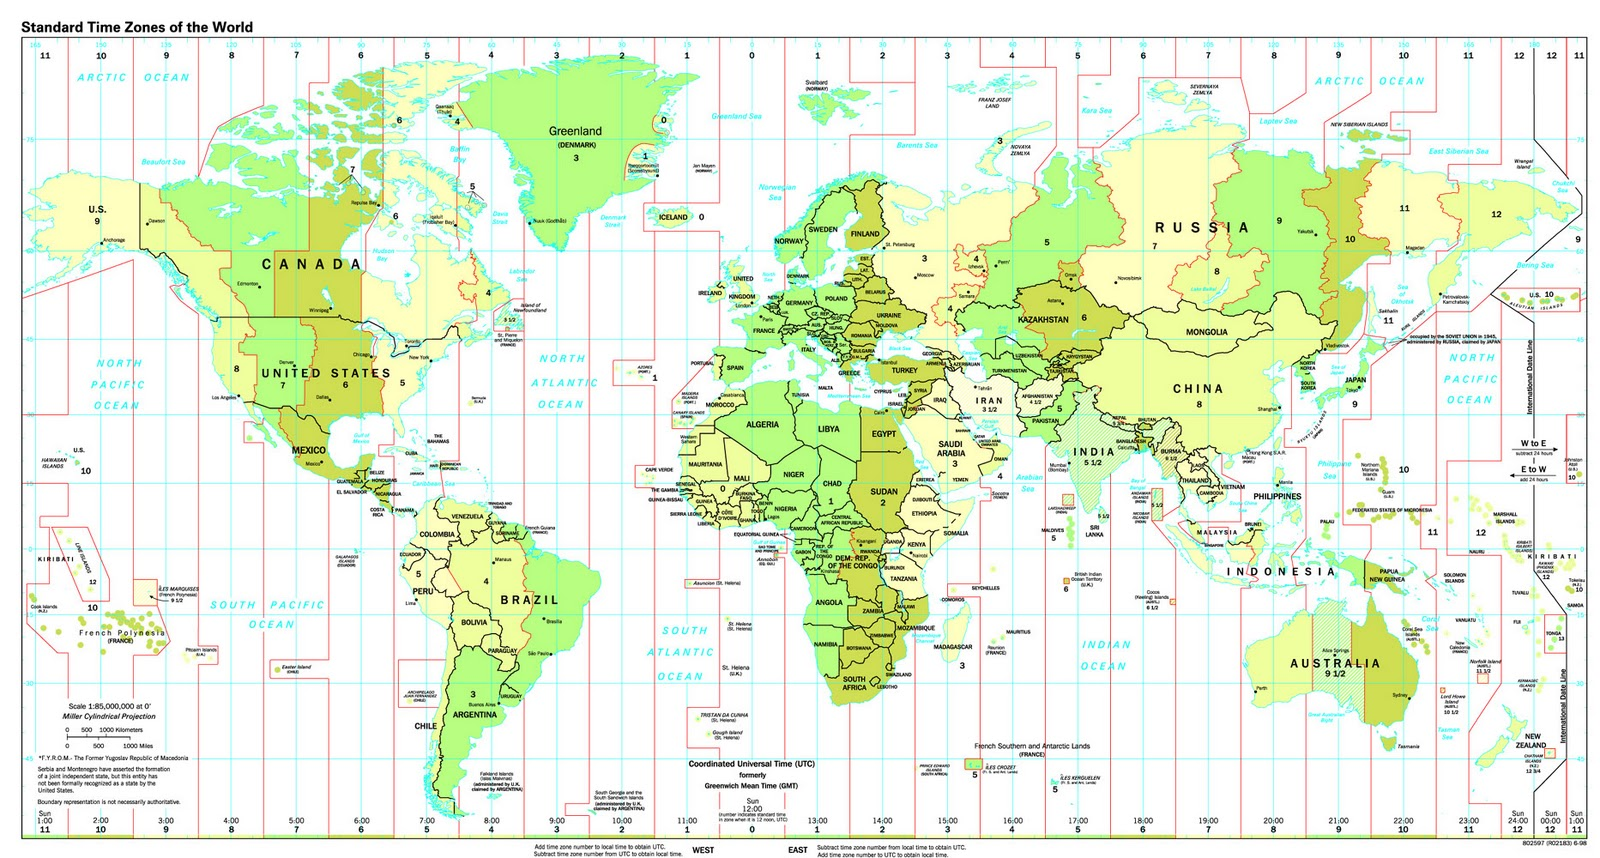 阿傑2.0 讓大家在雲端學習: 友誼地圖 v.s. 世界地圖